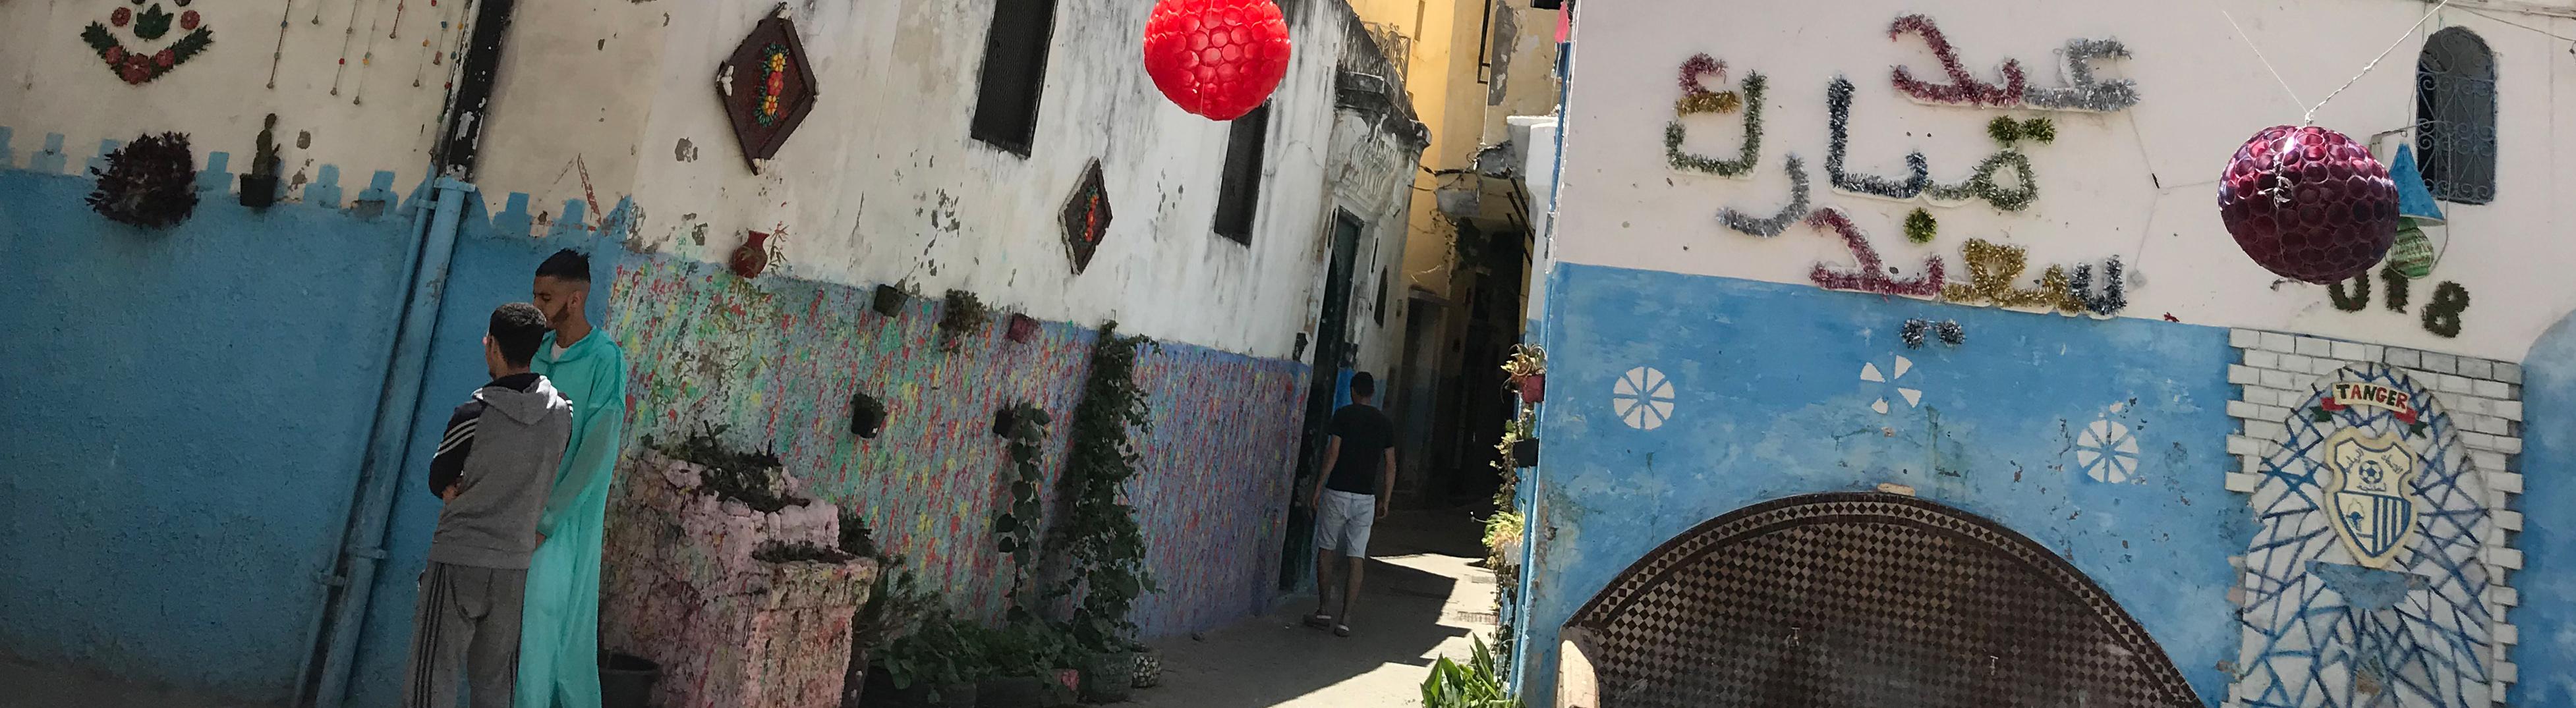 Medina in Tanger (Marokko)